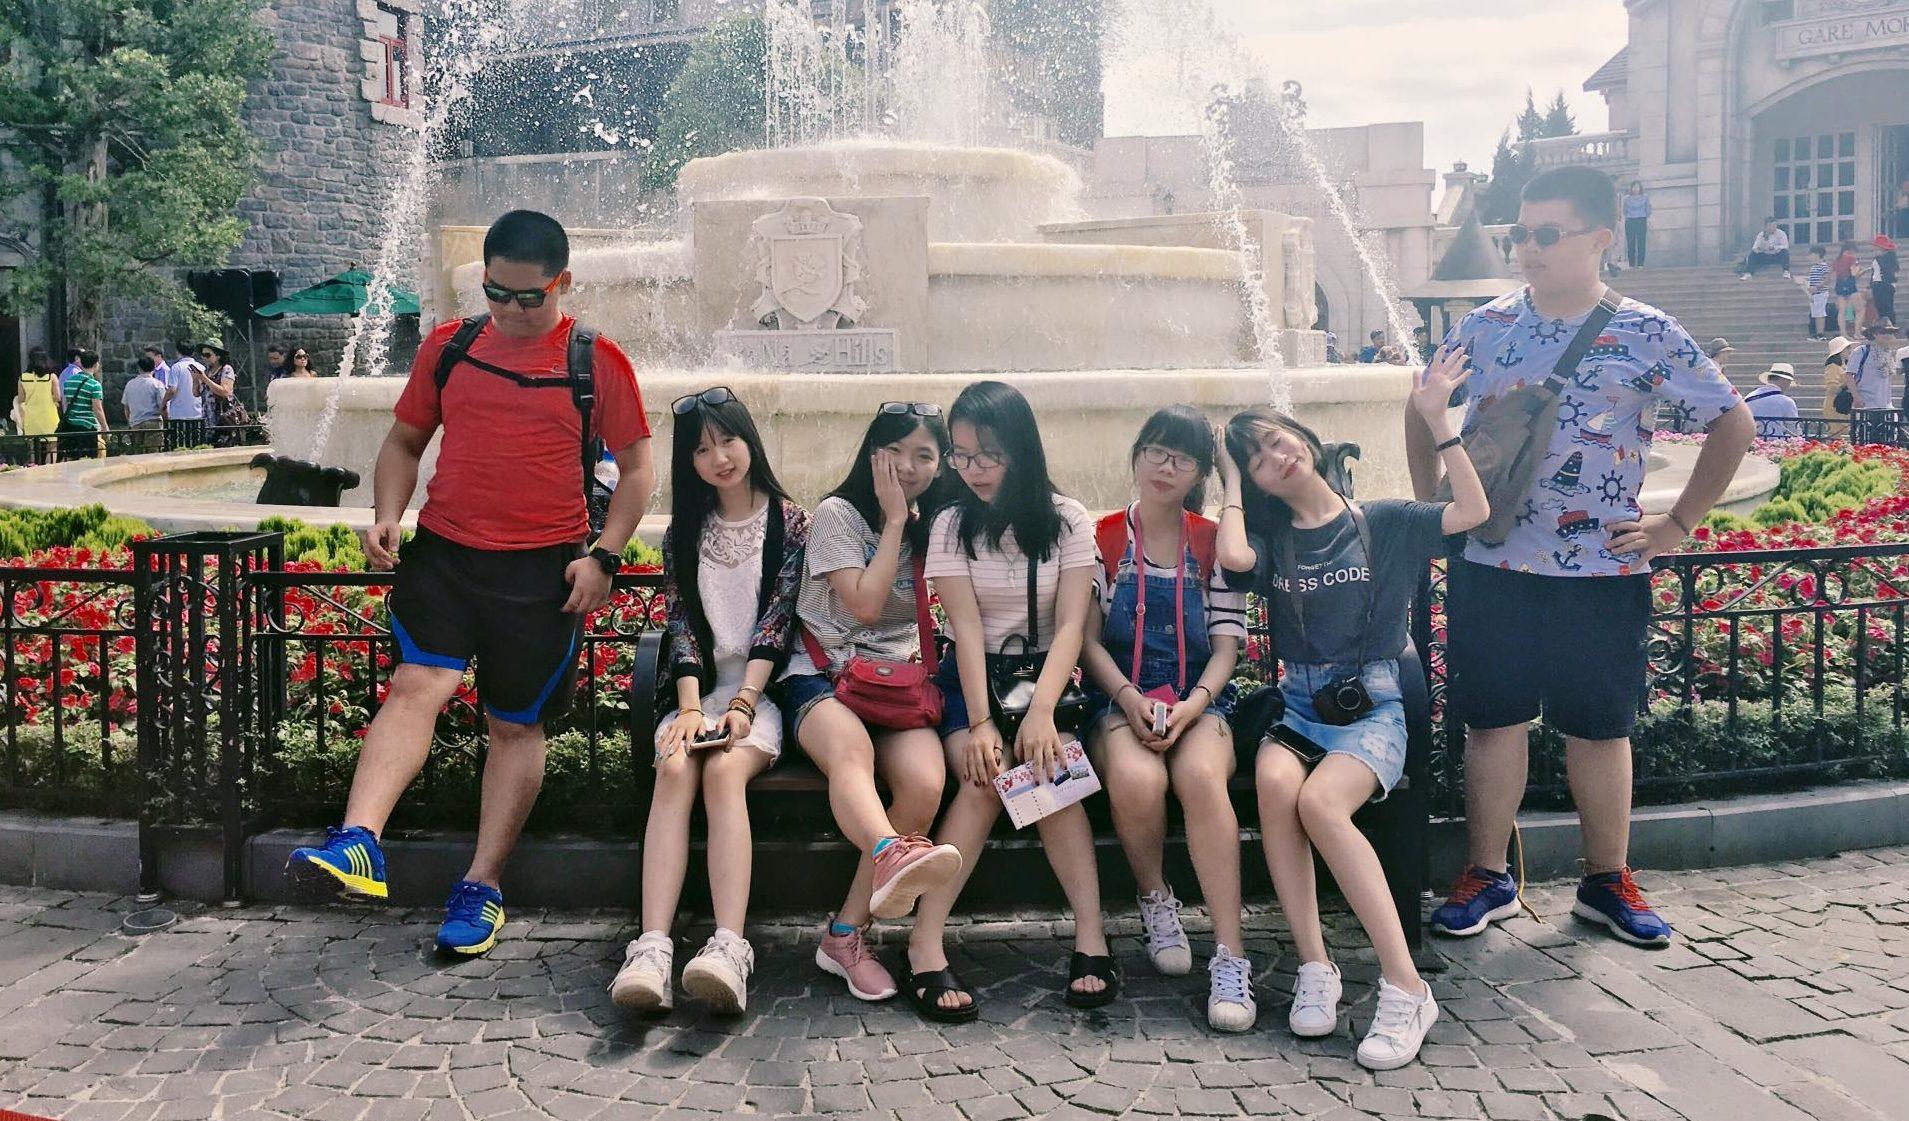 ベトナム留学は社会人にもお勧めな4つの理由【知らなきゃ損】